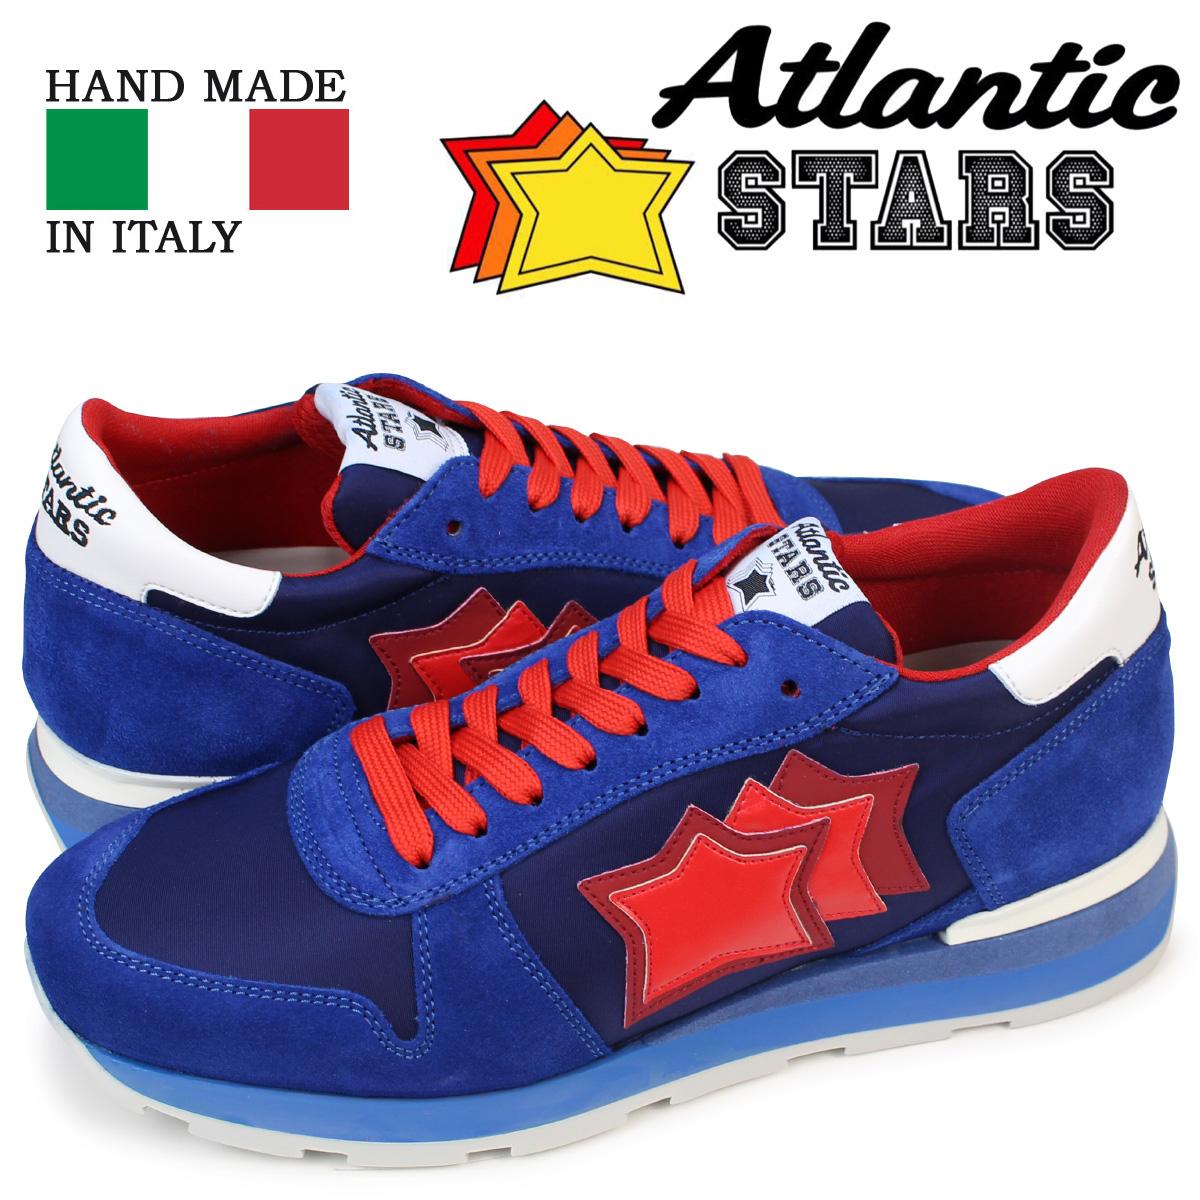 【最大2000円OFFクーポン】 アトランティックスターズ スニーカー メンズ Atlantic STARS ブルー レッド シリウス SIRIUS MN 83B